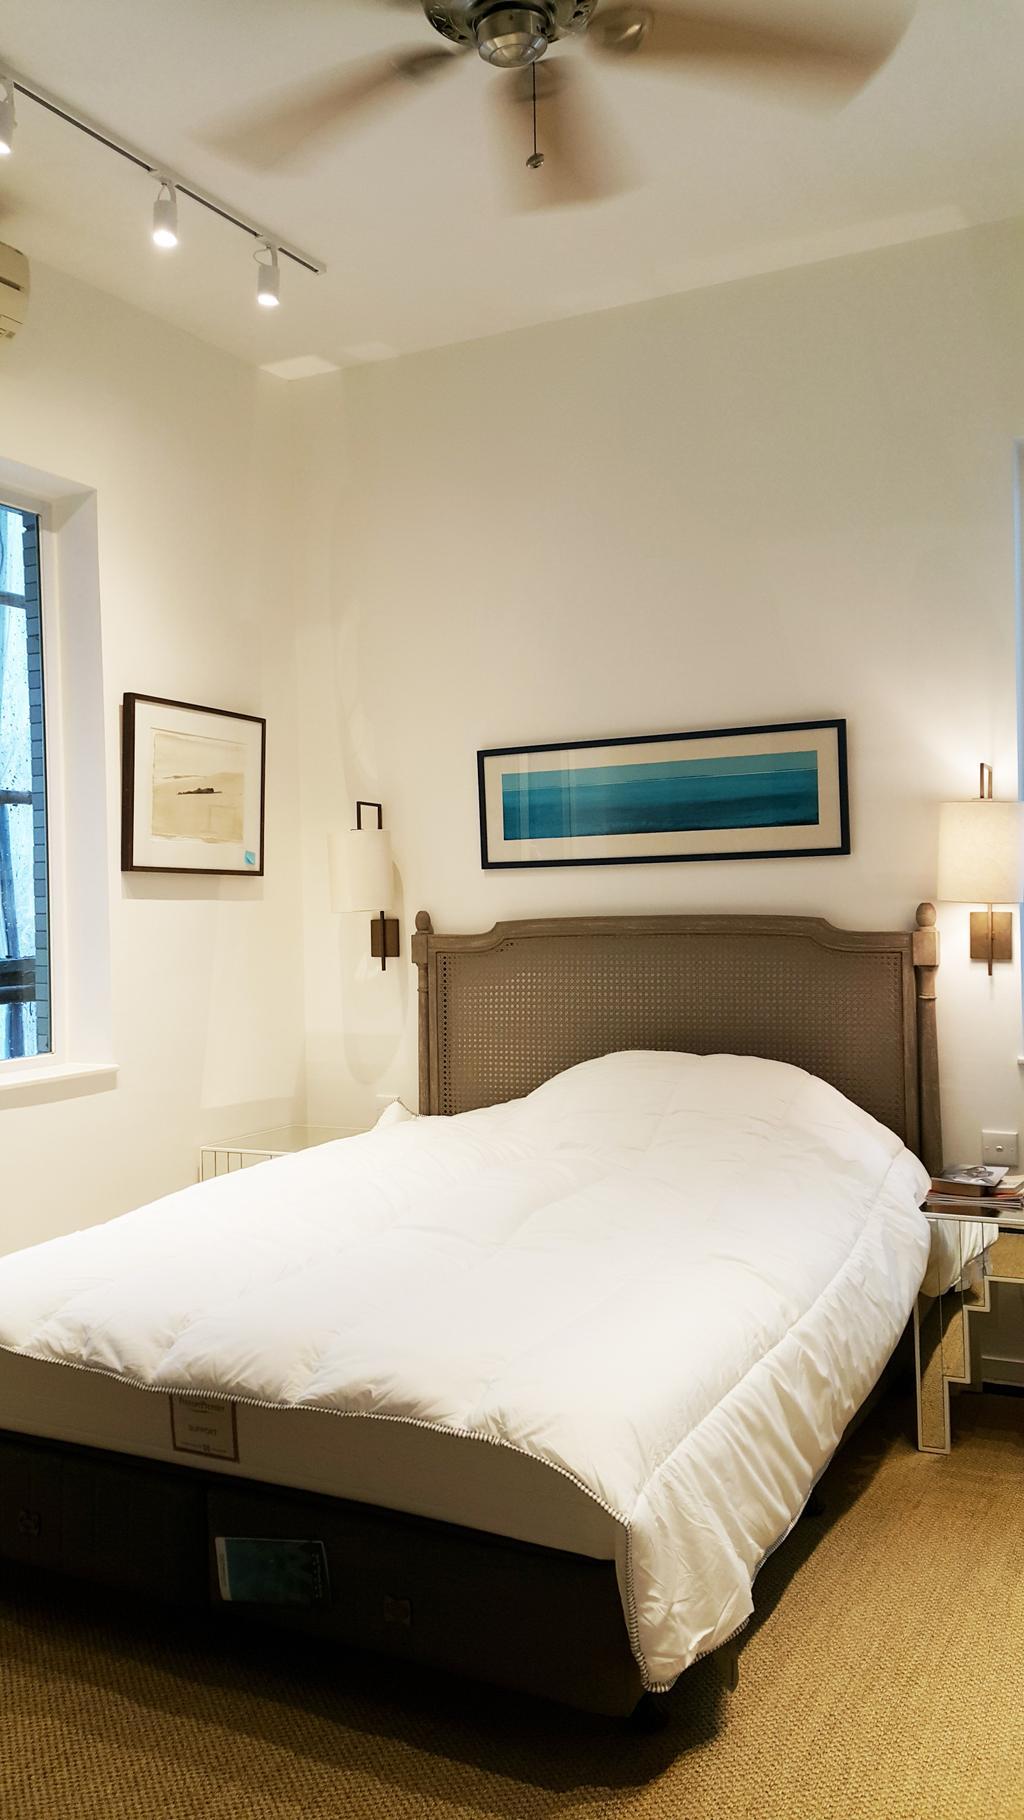 摩登, 私家樓, 睡房, 麥當奴道 72號, 室內設計師, Innovation Interior Design, 當代, Indoors, Interior Design, Room